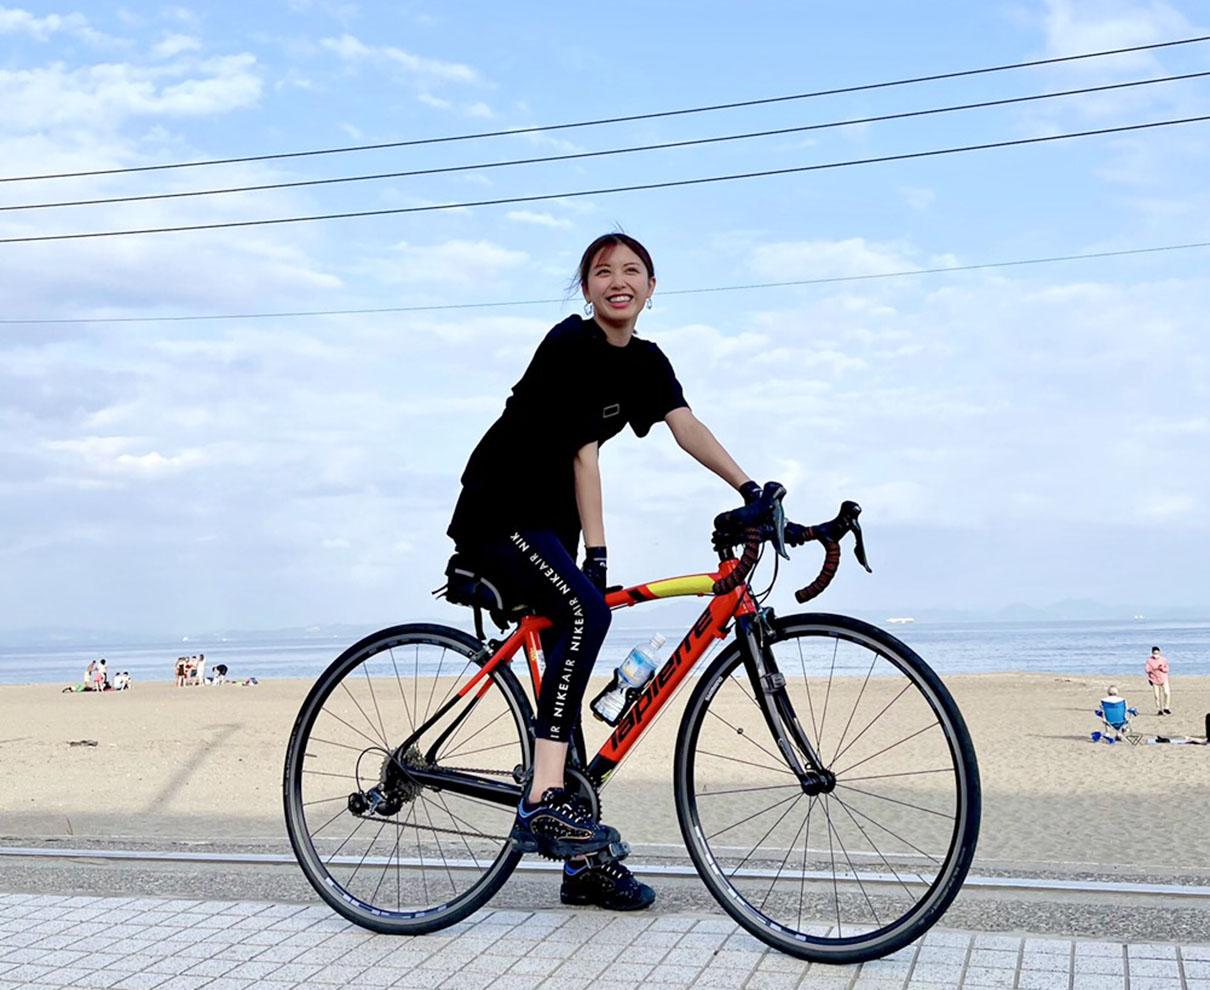 お仕事で、最近自転車に乗っています。日焼け対策しっかりしないとね♪